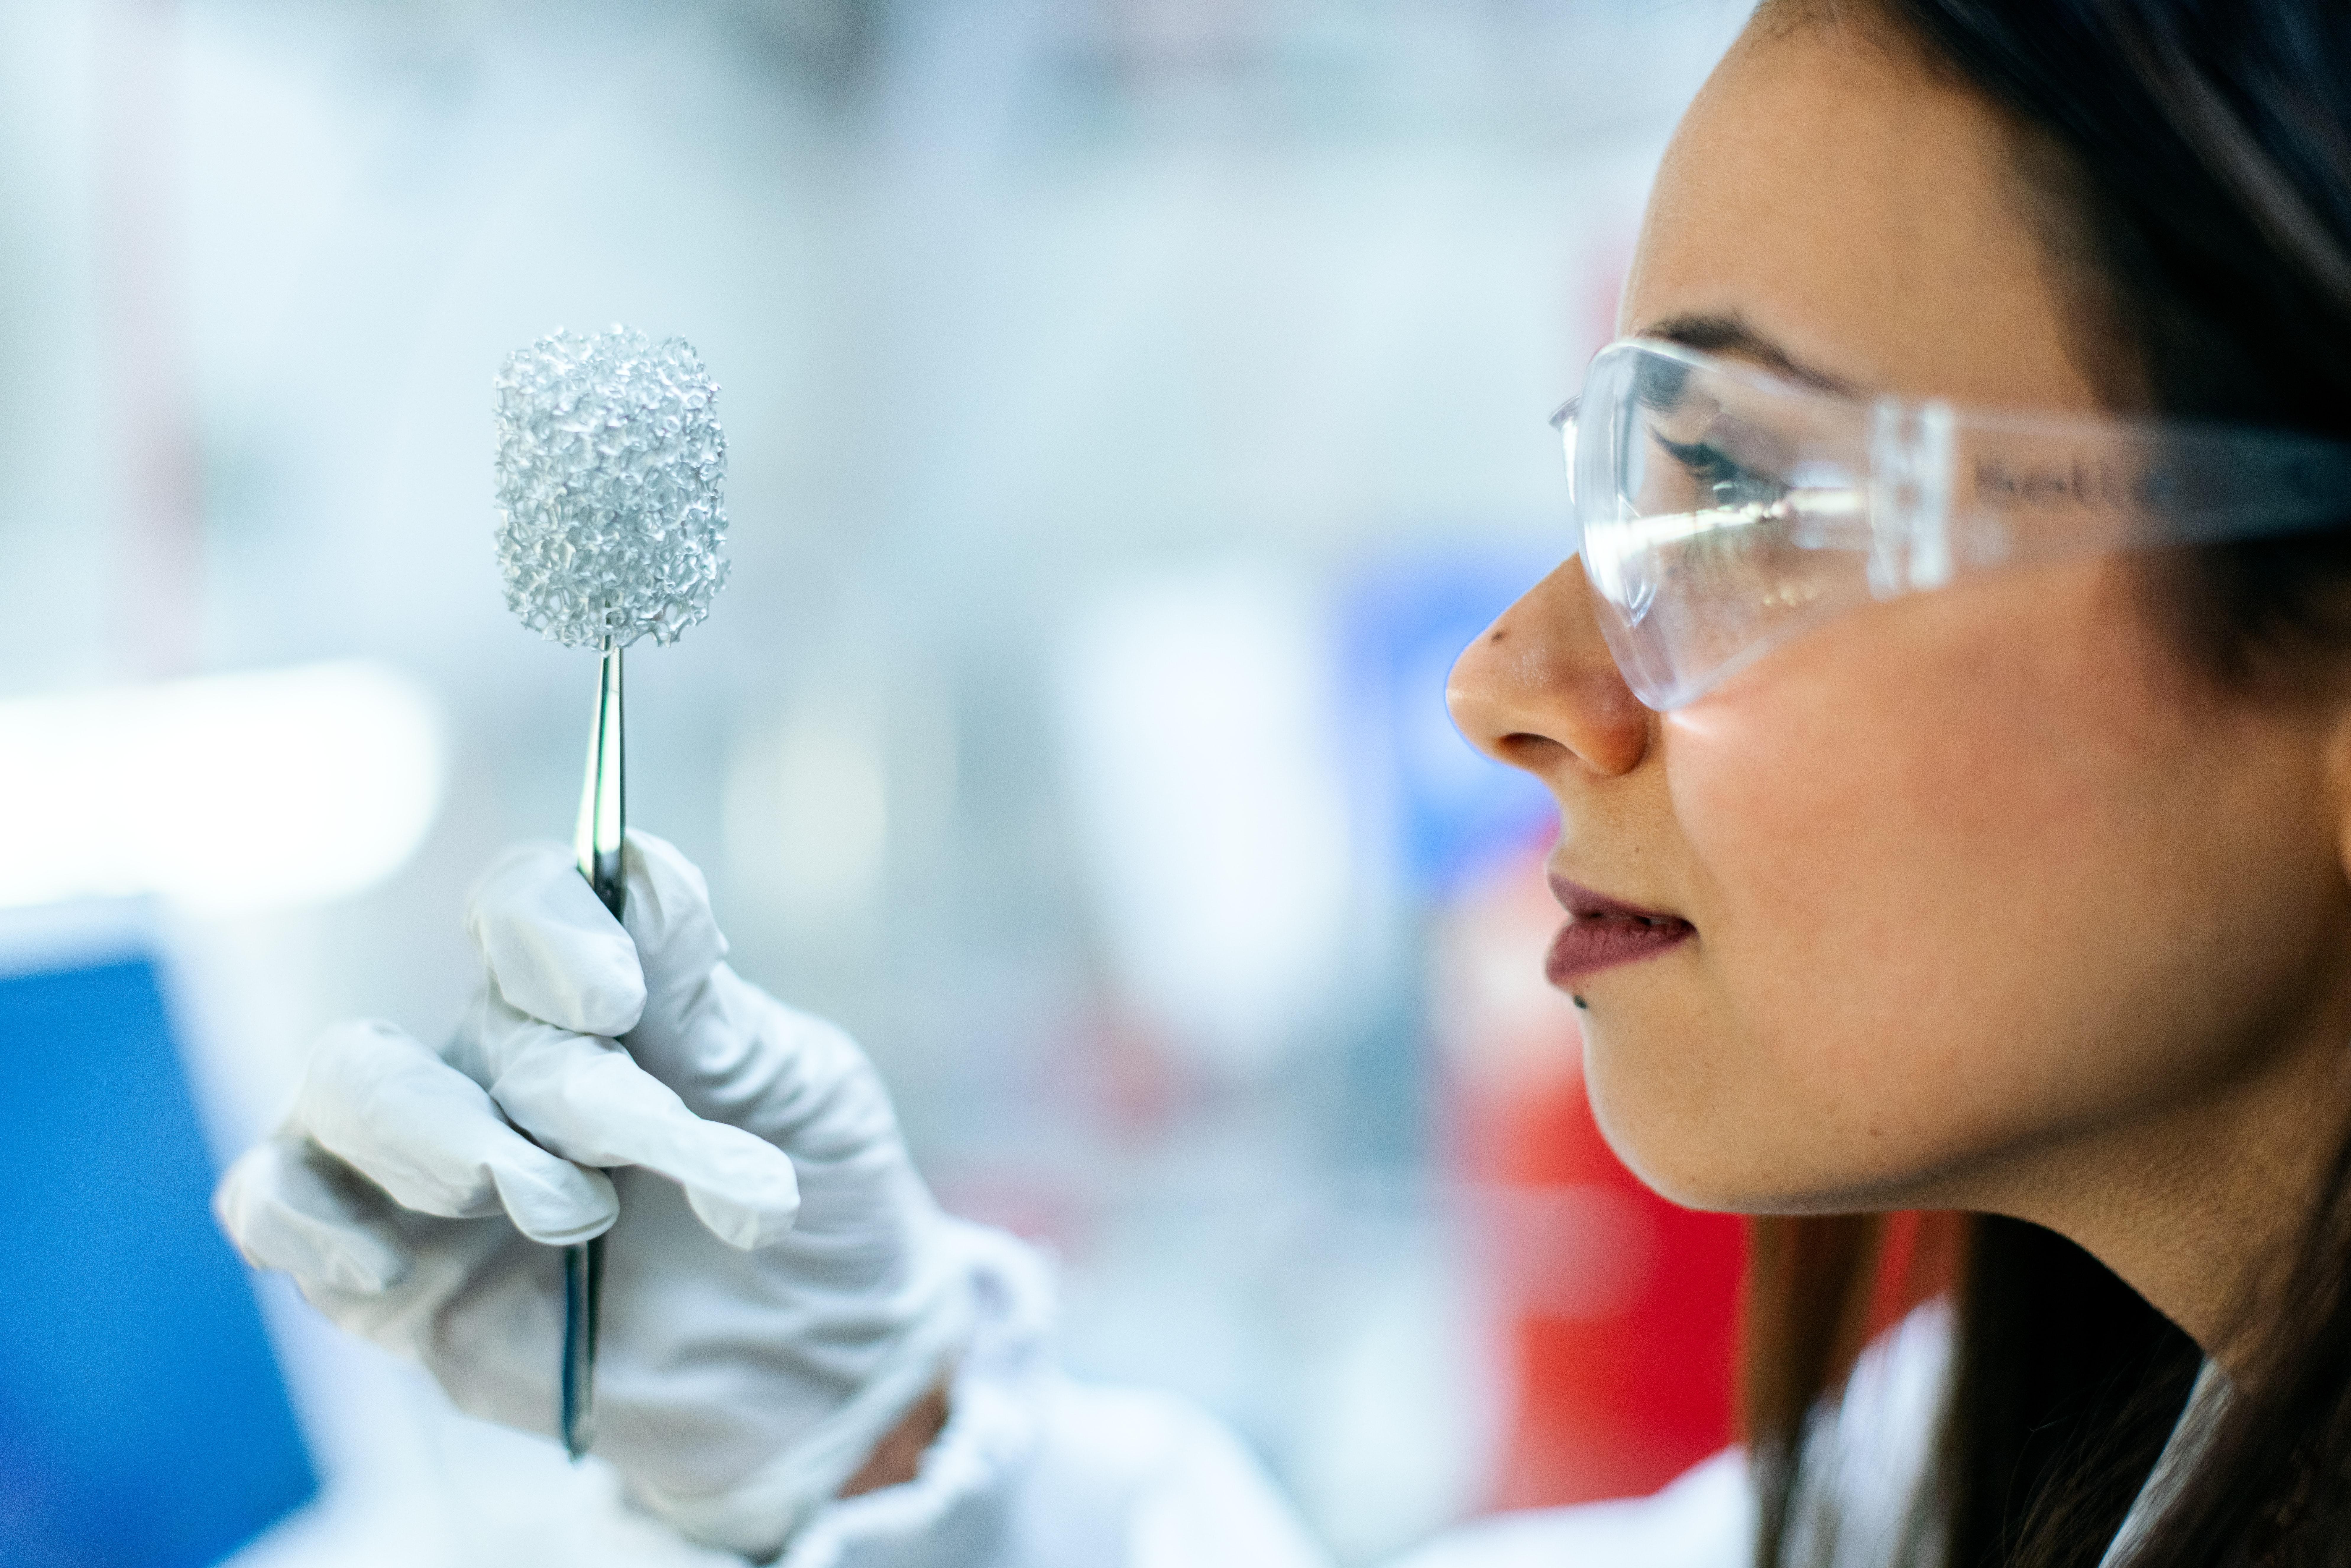 El Desconocido Papel De La Mujer En La Ciencia